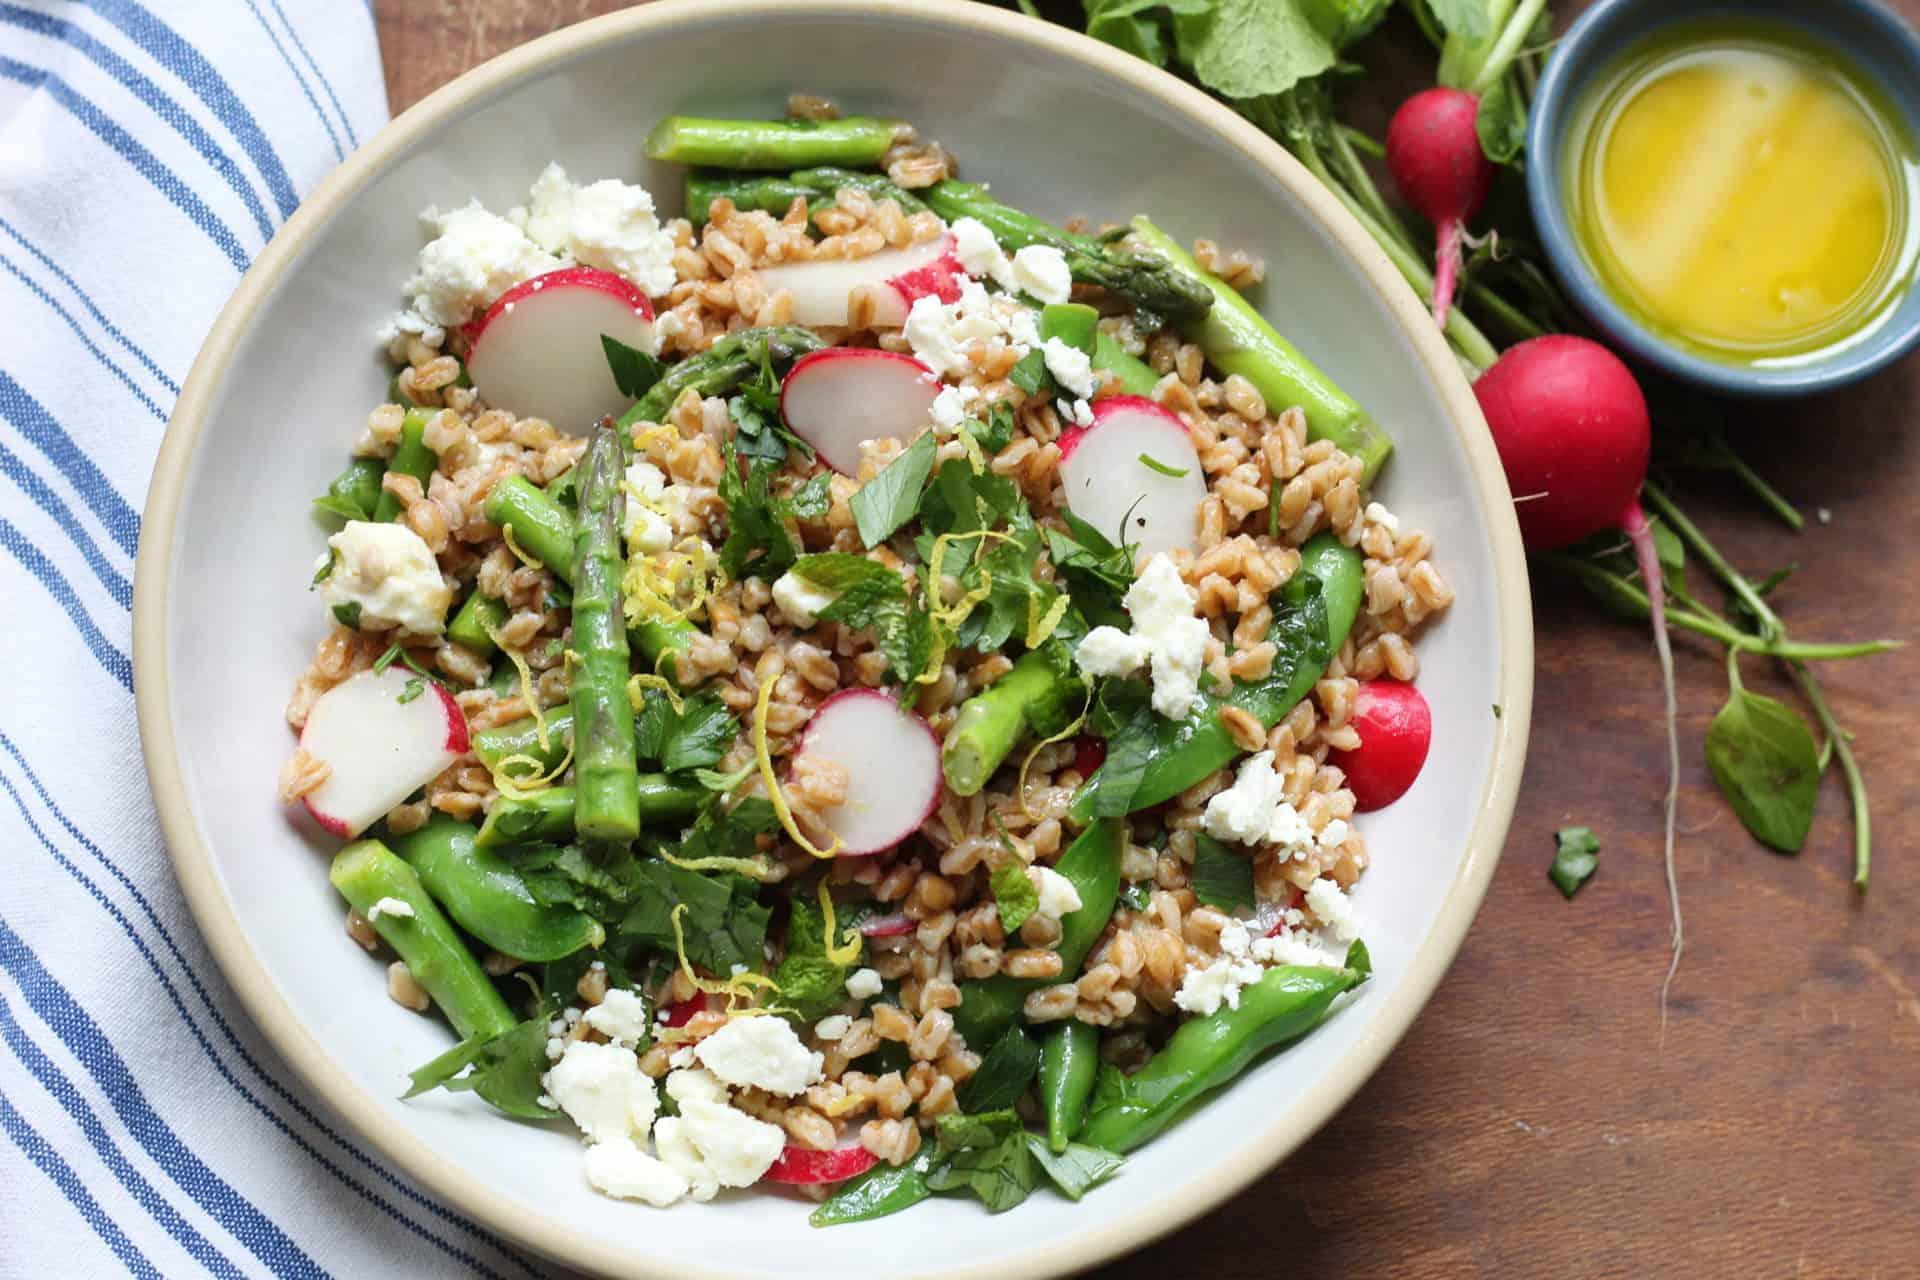 Salads, Whole Grains, Farro, Spring, Bowls, Mediterranean, Mediterranean diet